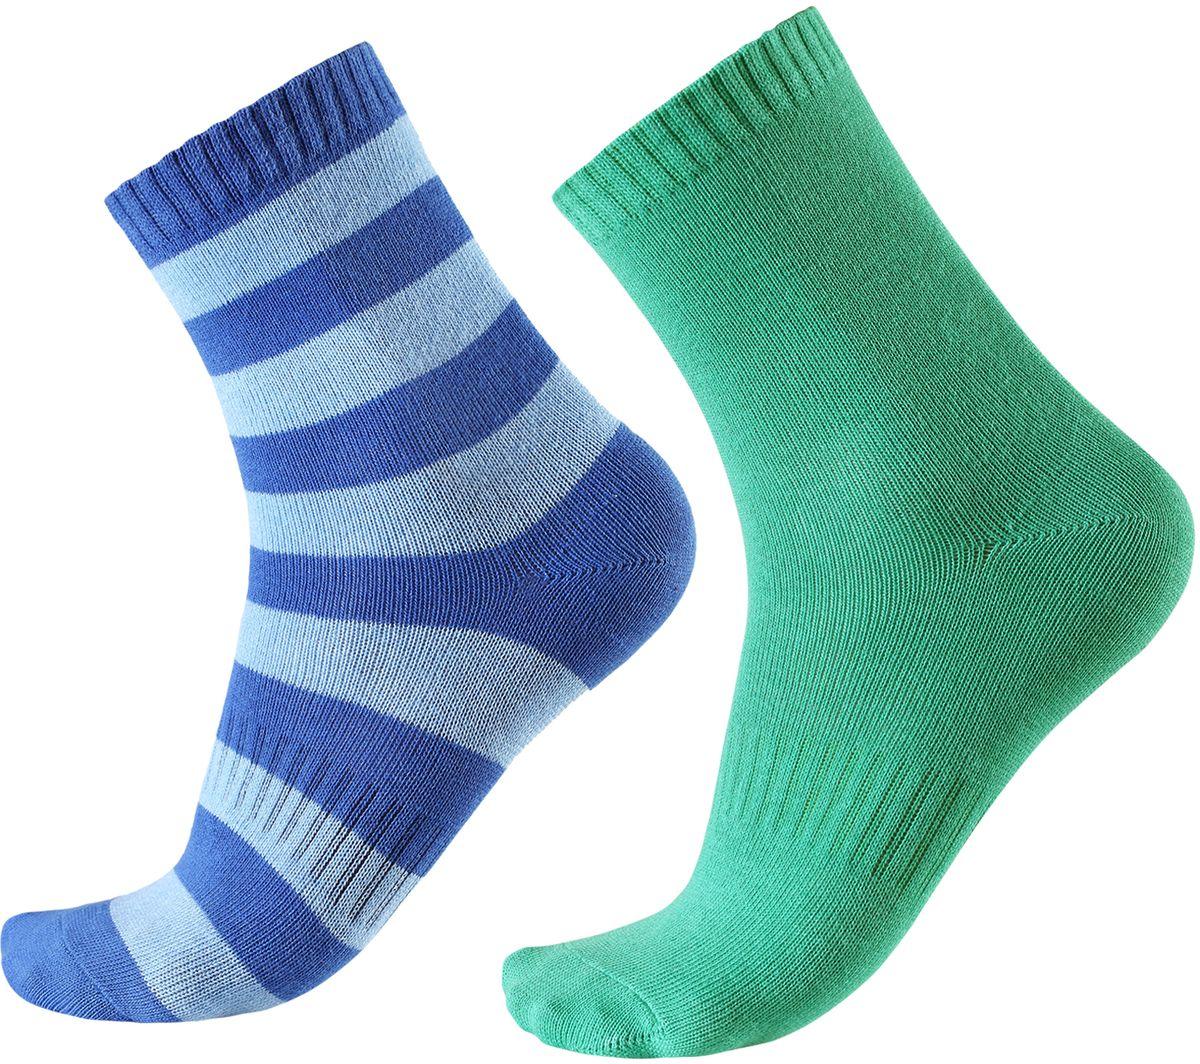 Носки детские Reima Colombo, цвет: зеленый, синий, голубой. 527267-6530. Размер 38/41527267-6530В носках из смеси Coolmax детским ножкам будет тепло и уютно. Смесь Coolmax с хлопком превосходно подходит для занятий спортом и подвижных игр на свежем воздухе, поскольку эффективно выводит влагу с кожи и не вызывает потливости. Этот материал дышит и быстро сохнет. Легкая летняя модель без ворсового усиления.